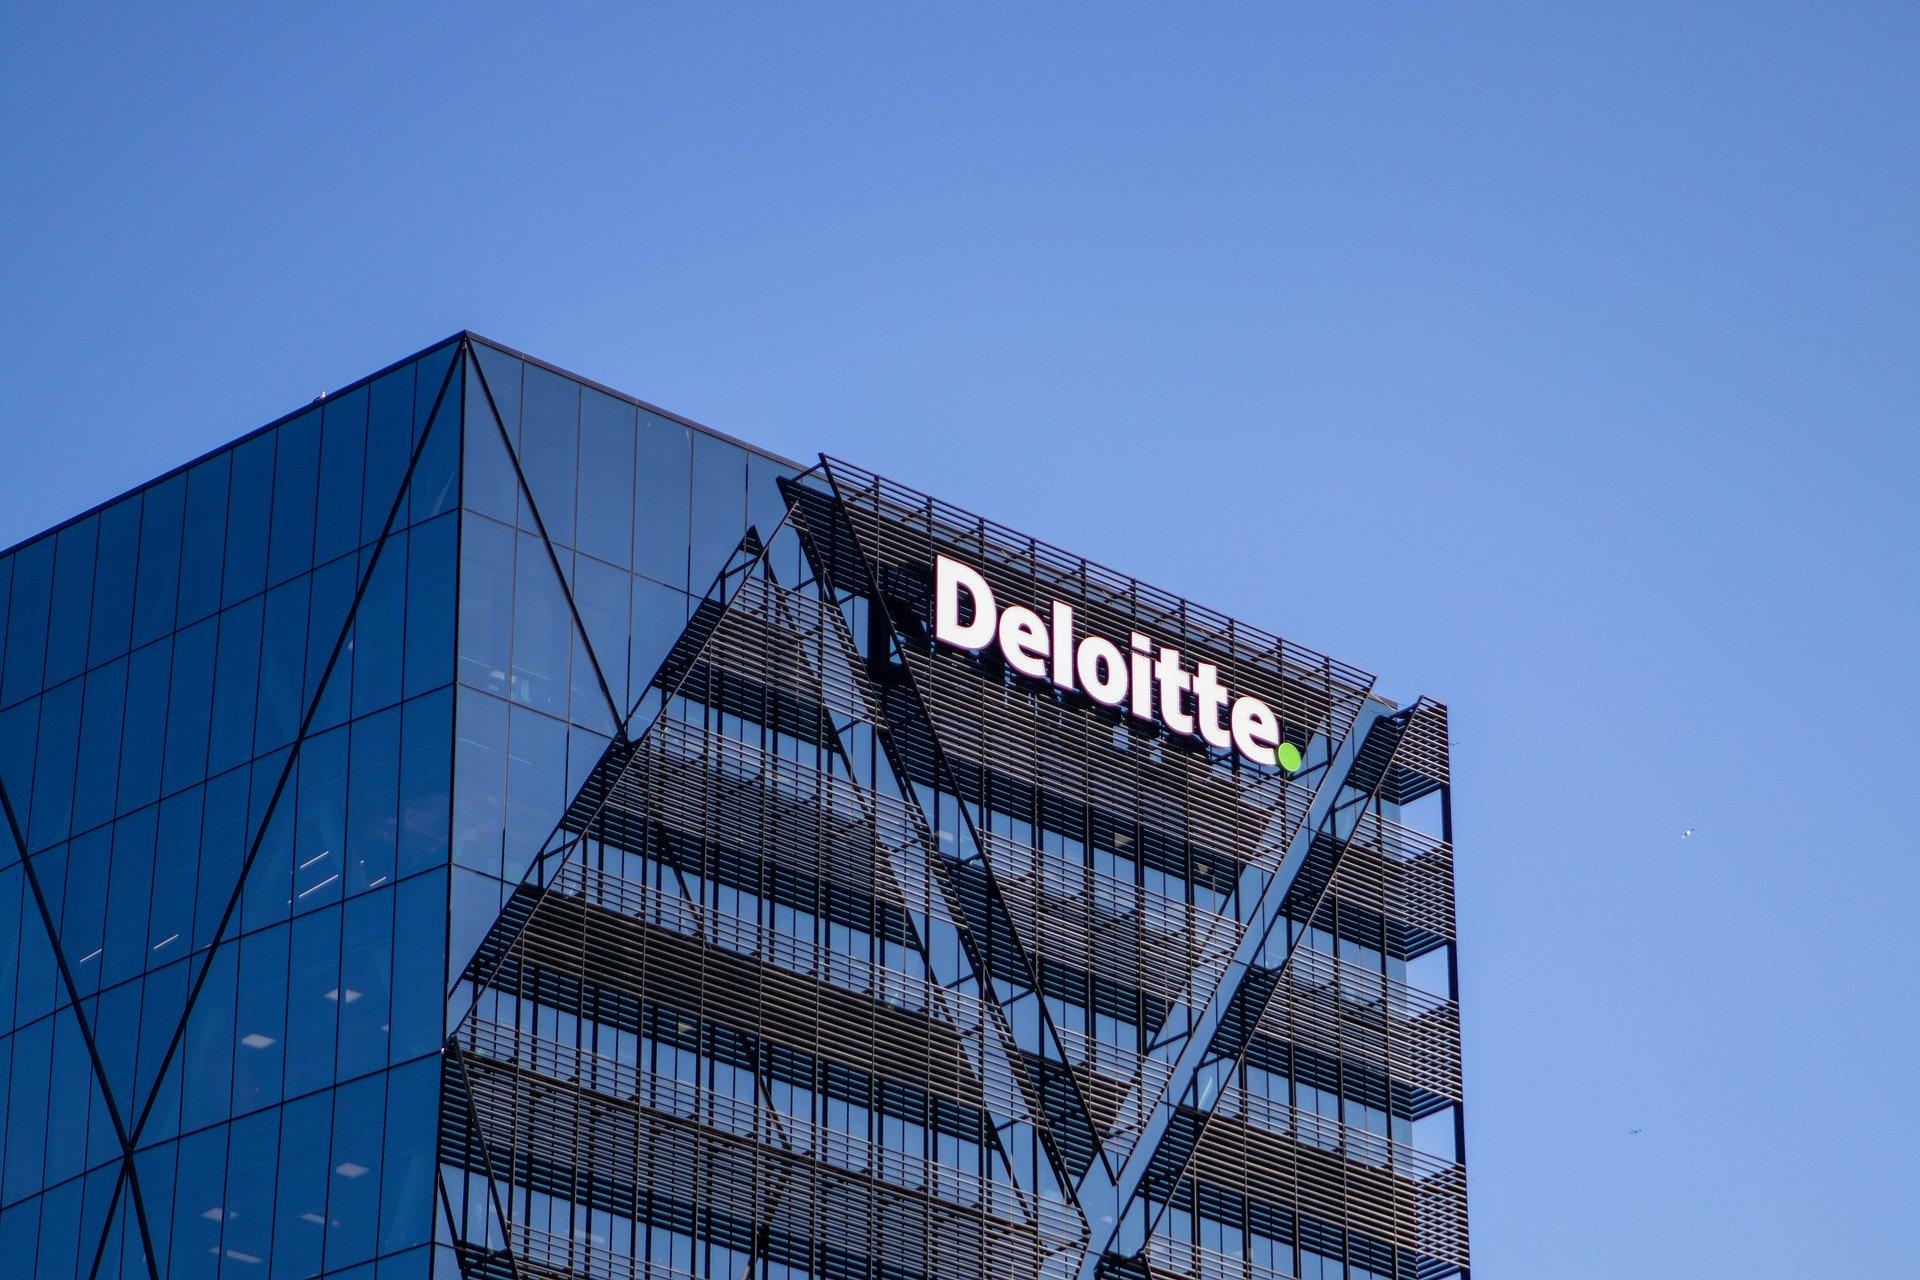 A Deloitte skyscraper.